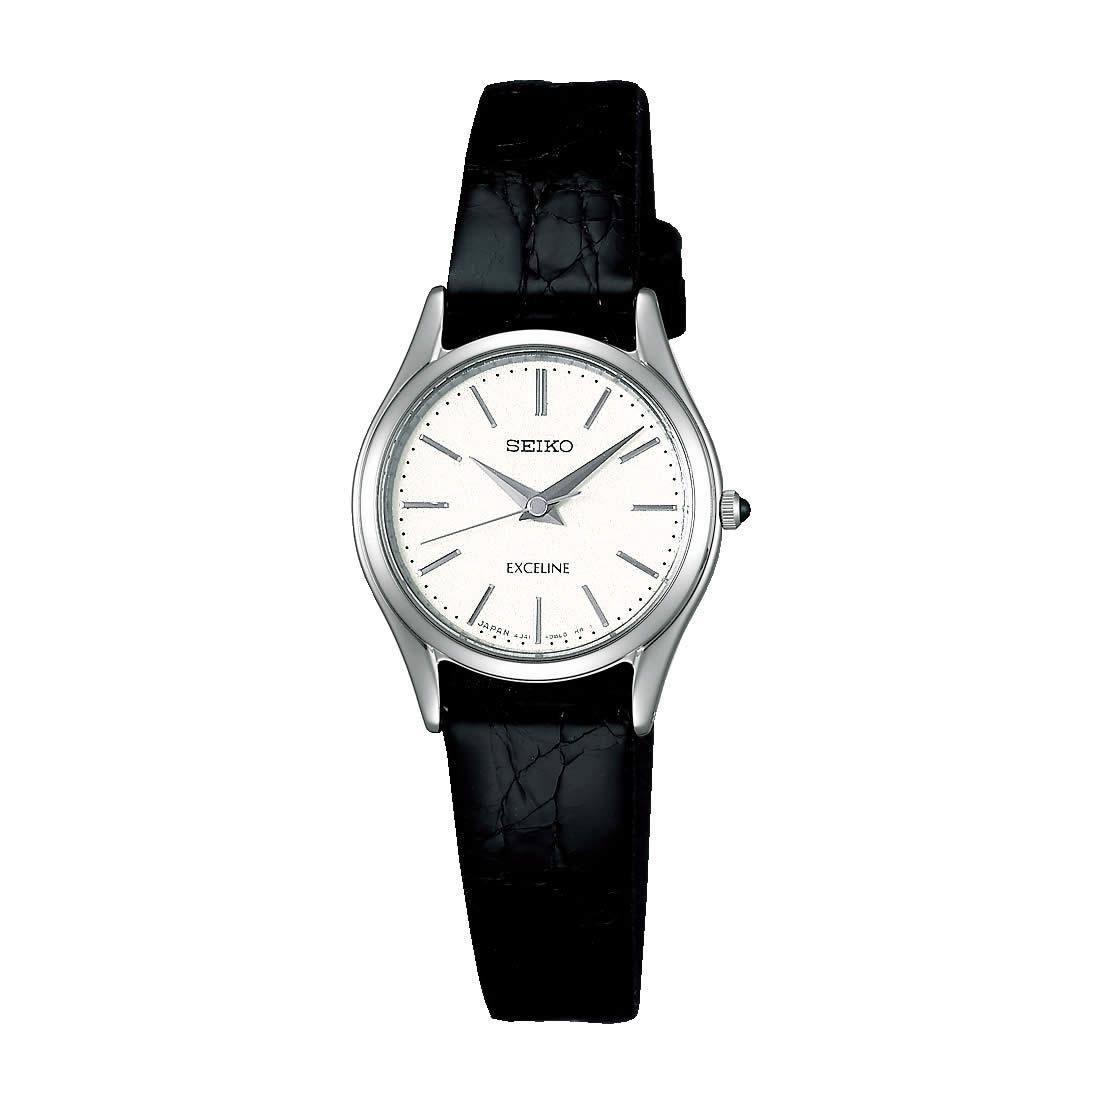 【送料無料】【国内正規品】セイコー エクセリーヌ SEIKO EXCELINE 腕時計 革ベルト SWDL209 レディース 時計 オフィス ペアウォッチ ペア腕時計 レザー ワニ革 ビジネス シンプル 人気 うでどけい とけい WATCH 時計【取り寄せ】